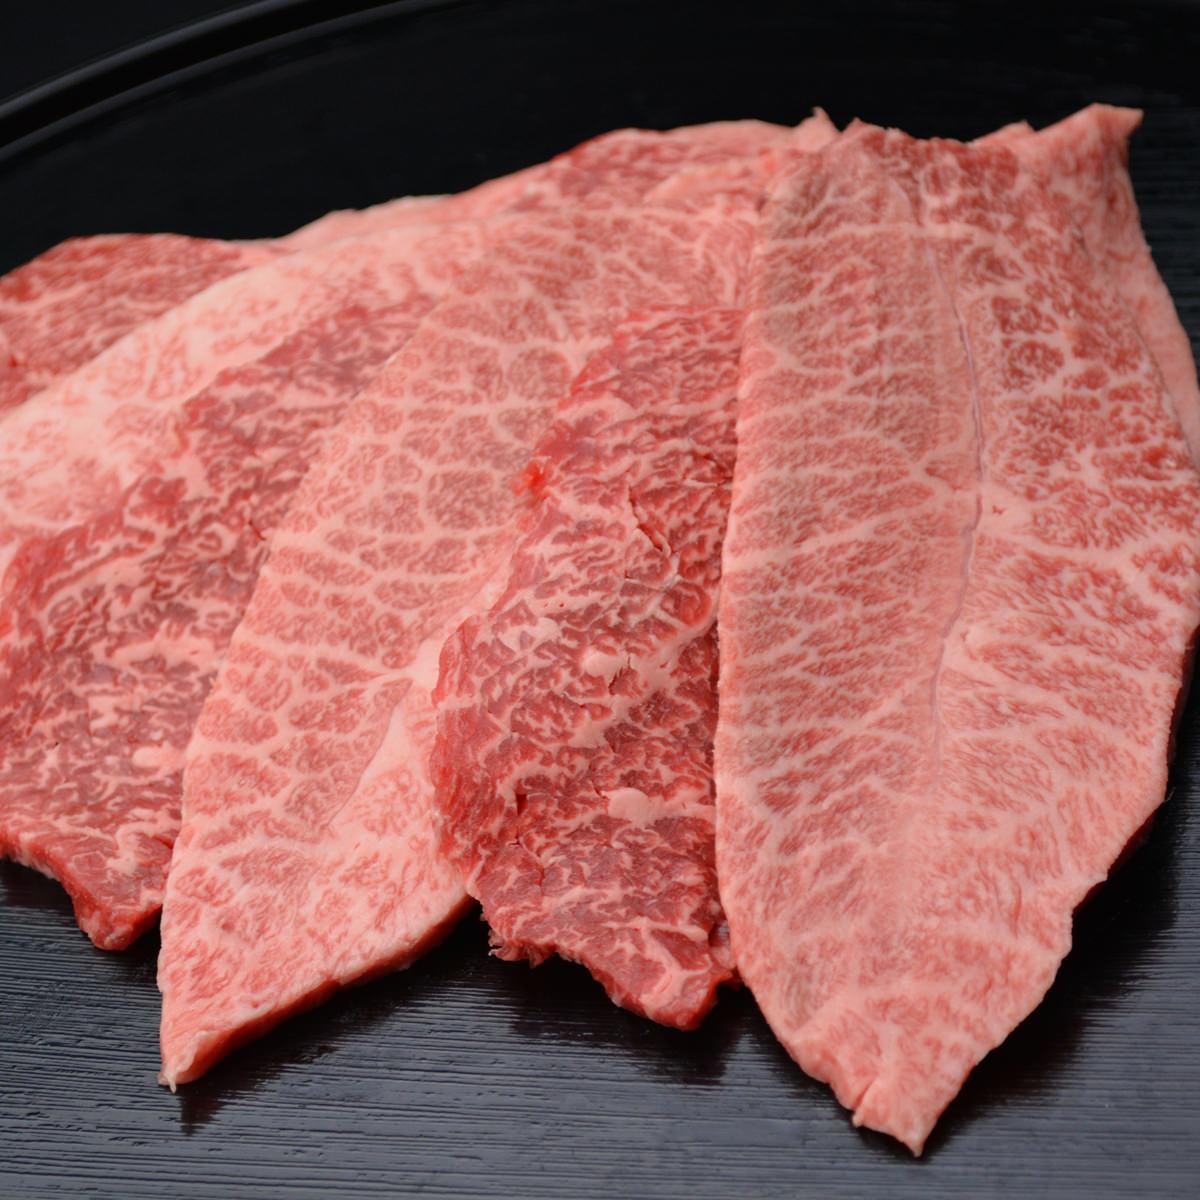 松阪まるよし 松阪牛焼肉用スライス肉 〔肩・モモ・バラ400g〕三重県